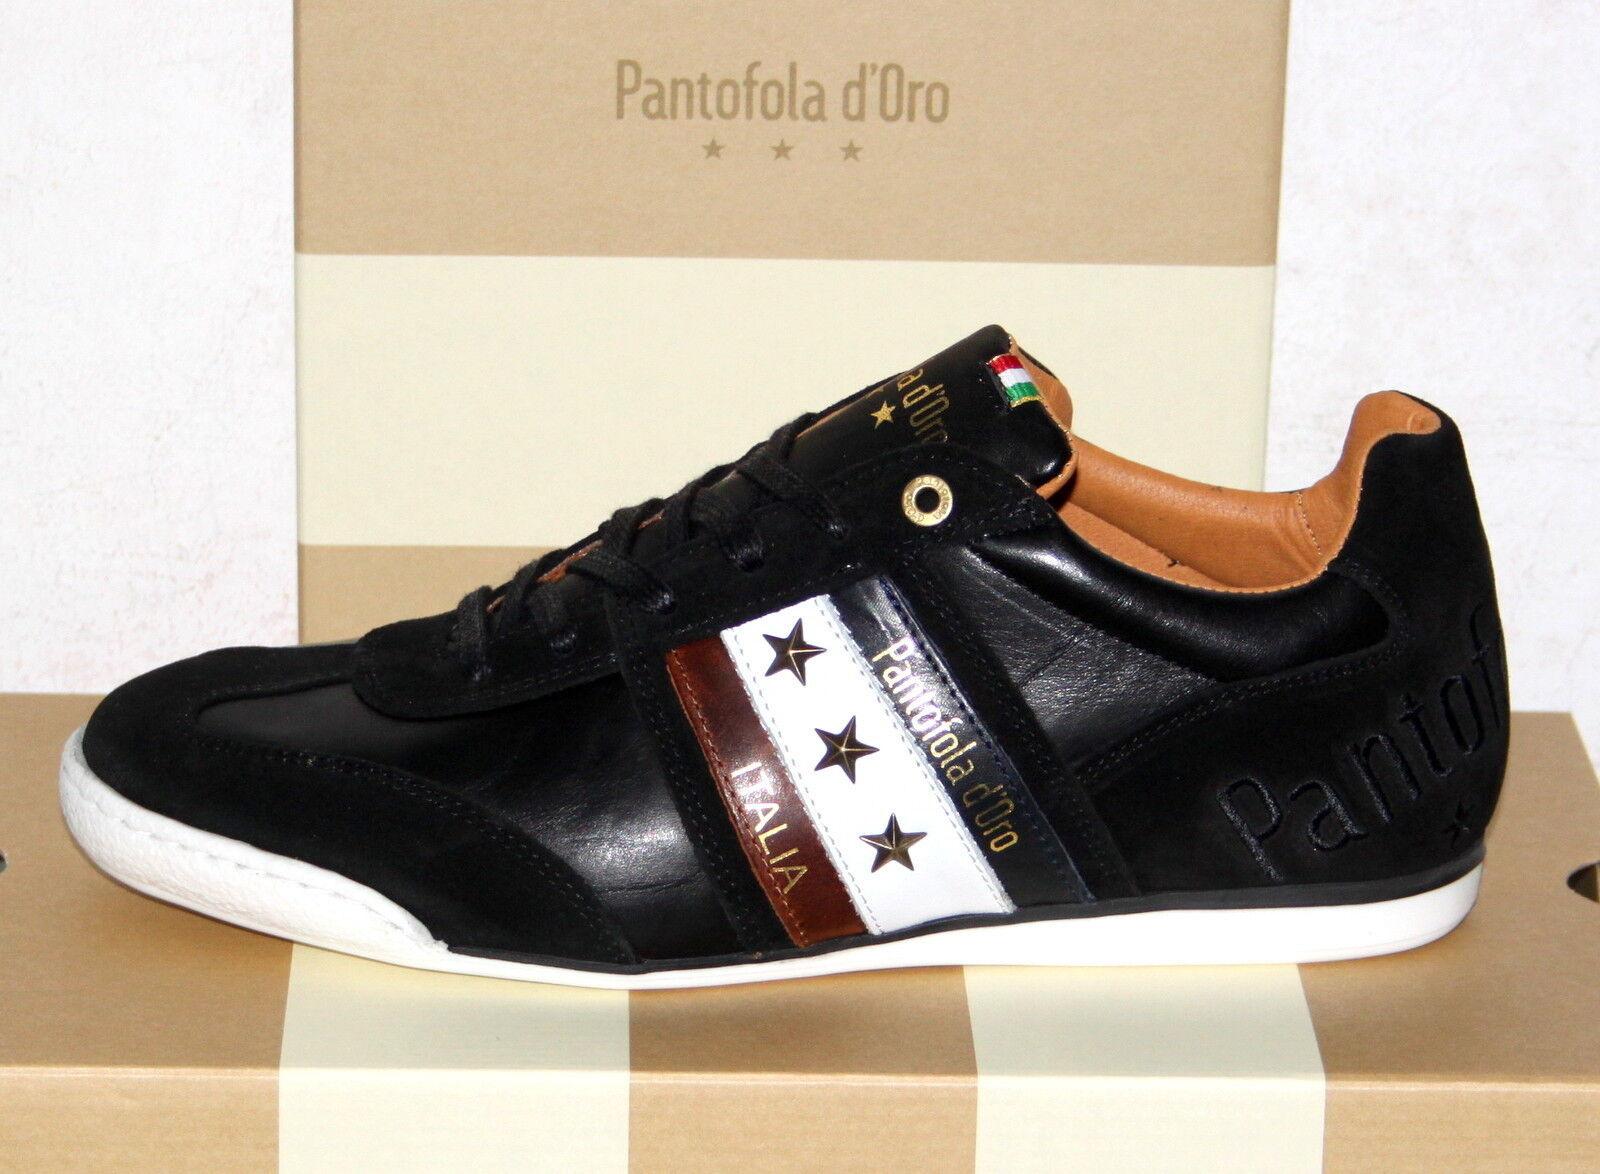 PANTOFOLA D´ORO Leder-Sneaker - IMOLA Uomo Low Black - Neu&OVP!